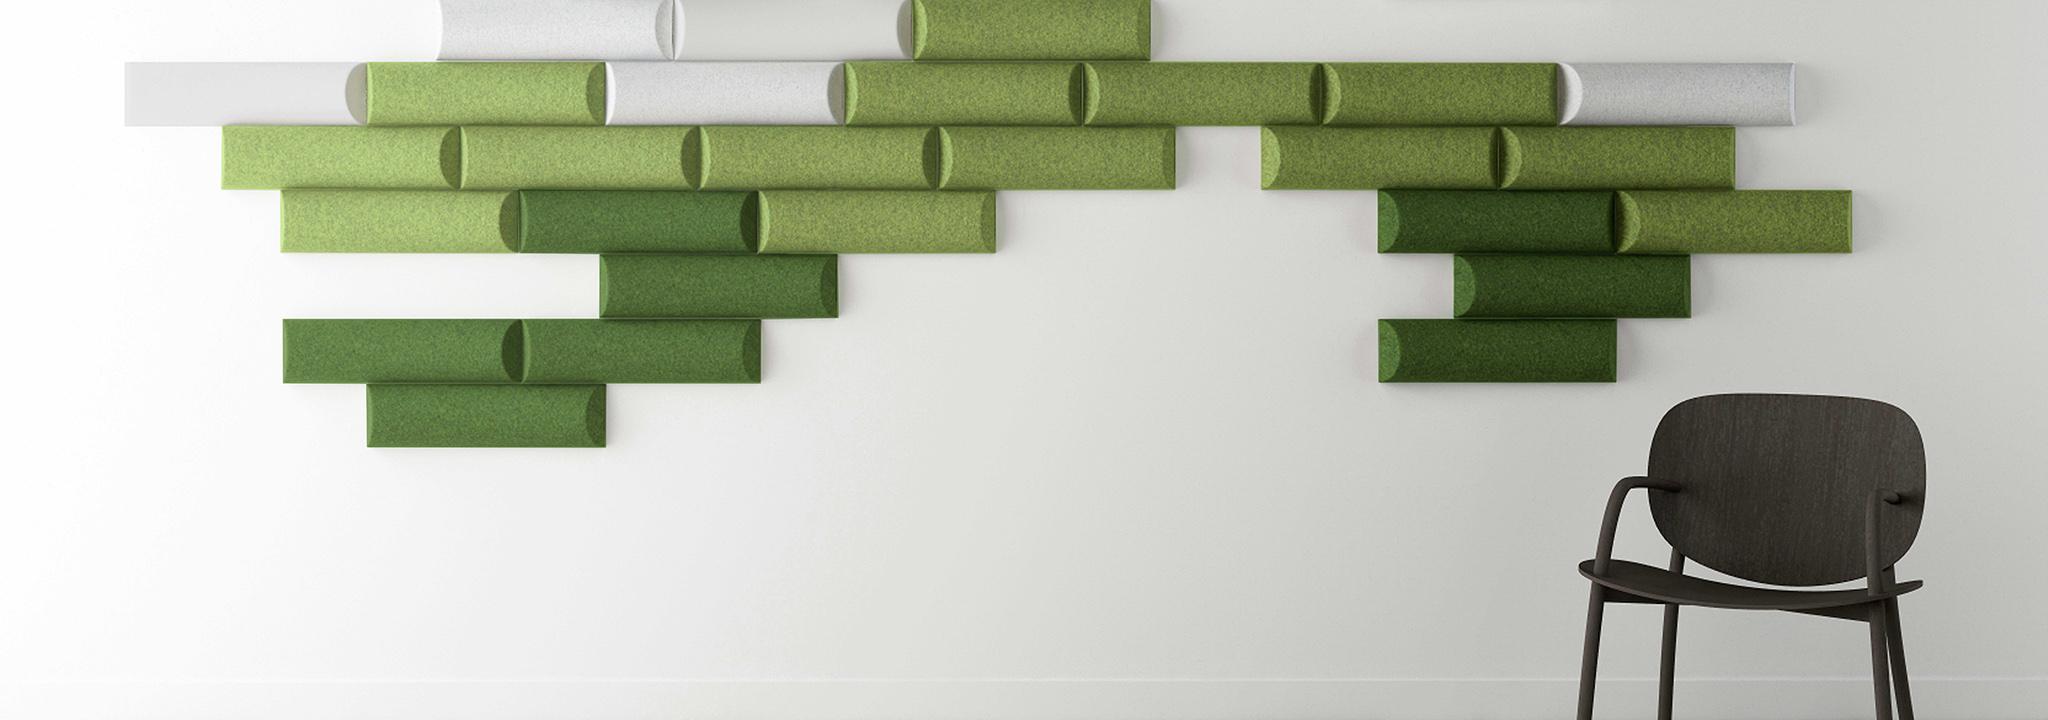 Akustik-Design: Mit akustischen Lösungen gestaltet ALLTEC Bürokonzept Räume